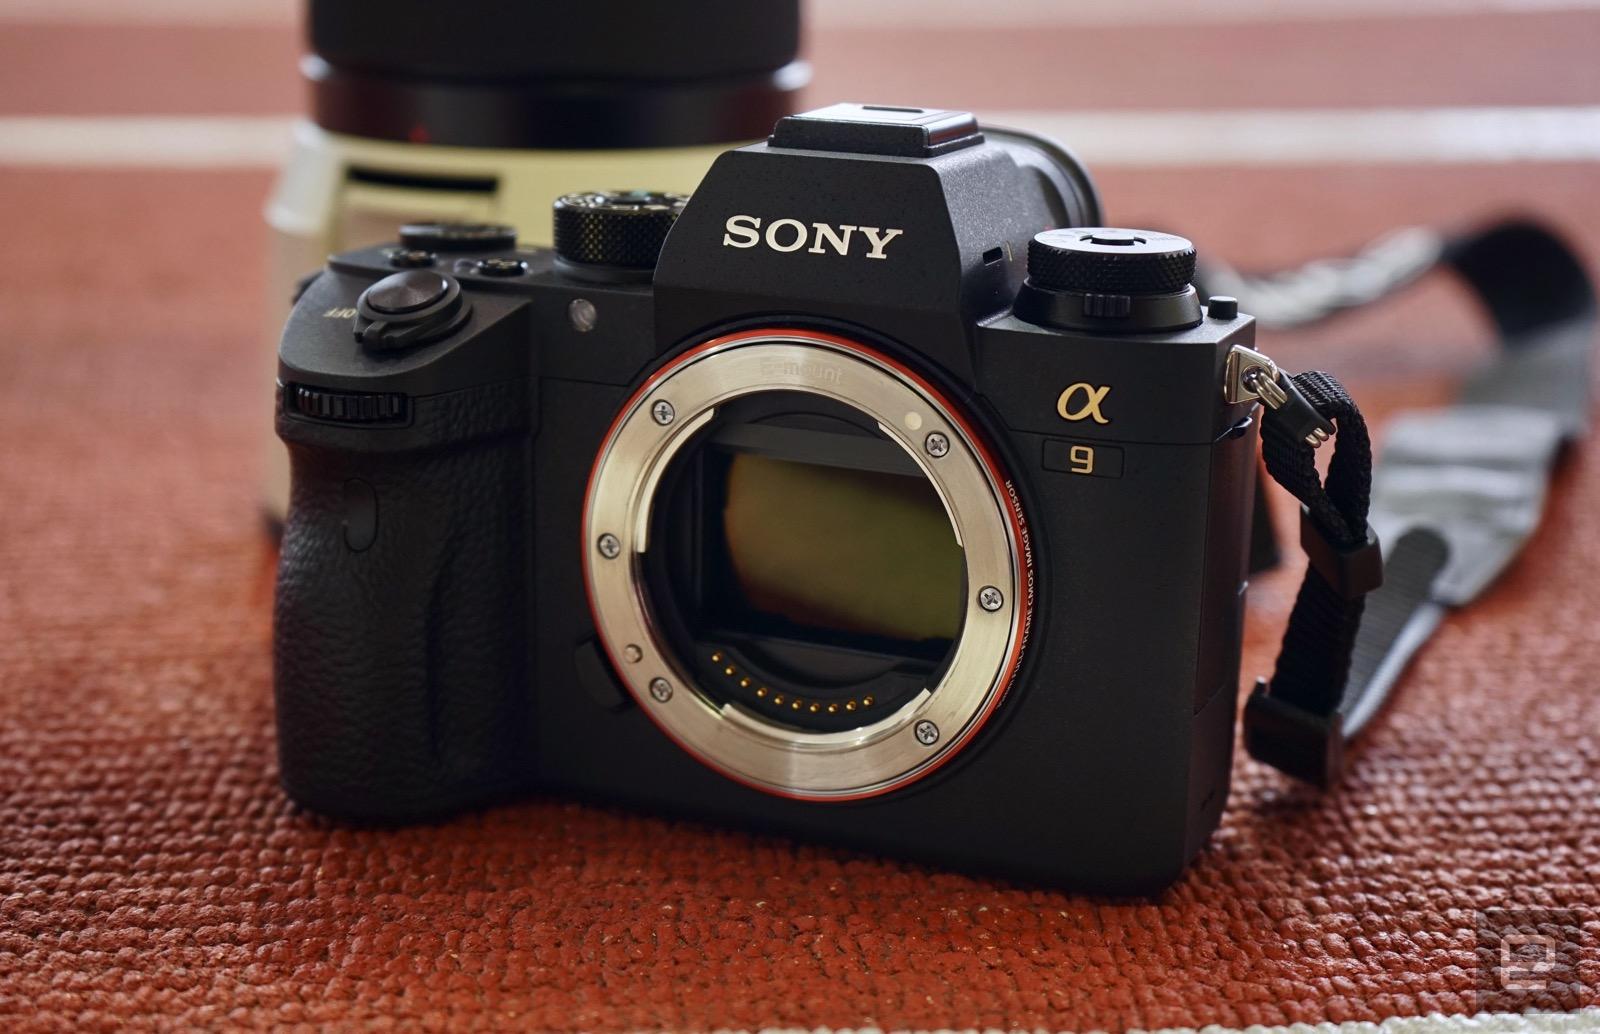 索尼 A9 全幅无反 24 小时实拍体验